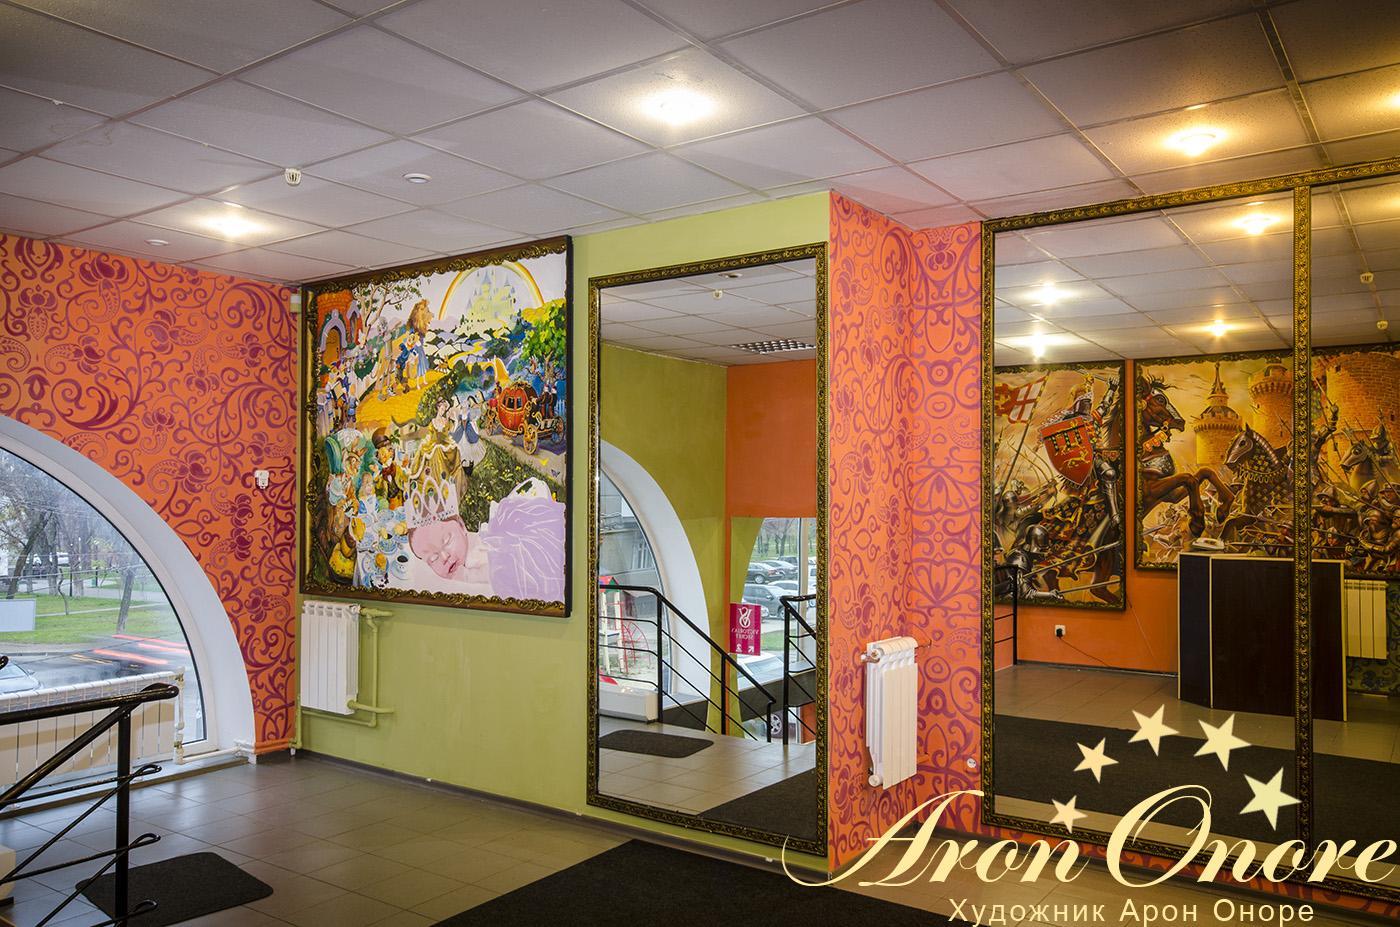 Уютный интерьер сделанный с помощью росписи стен